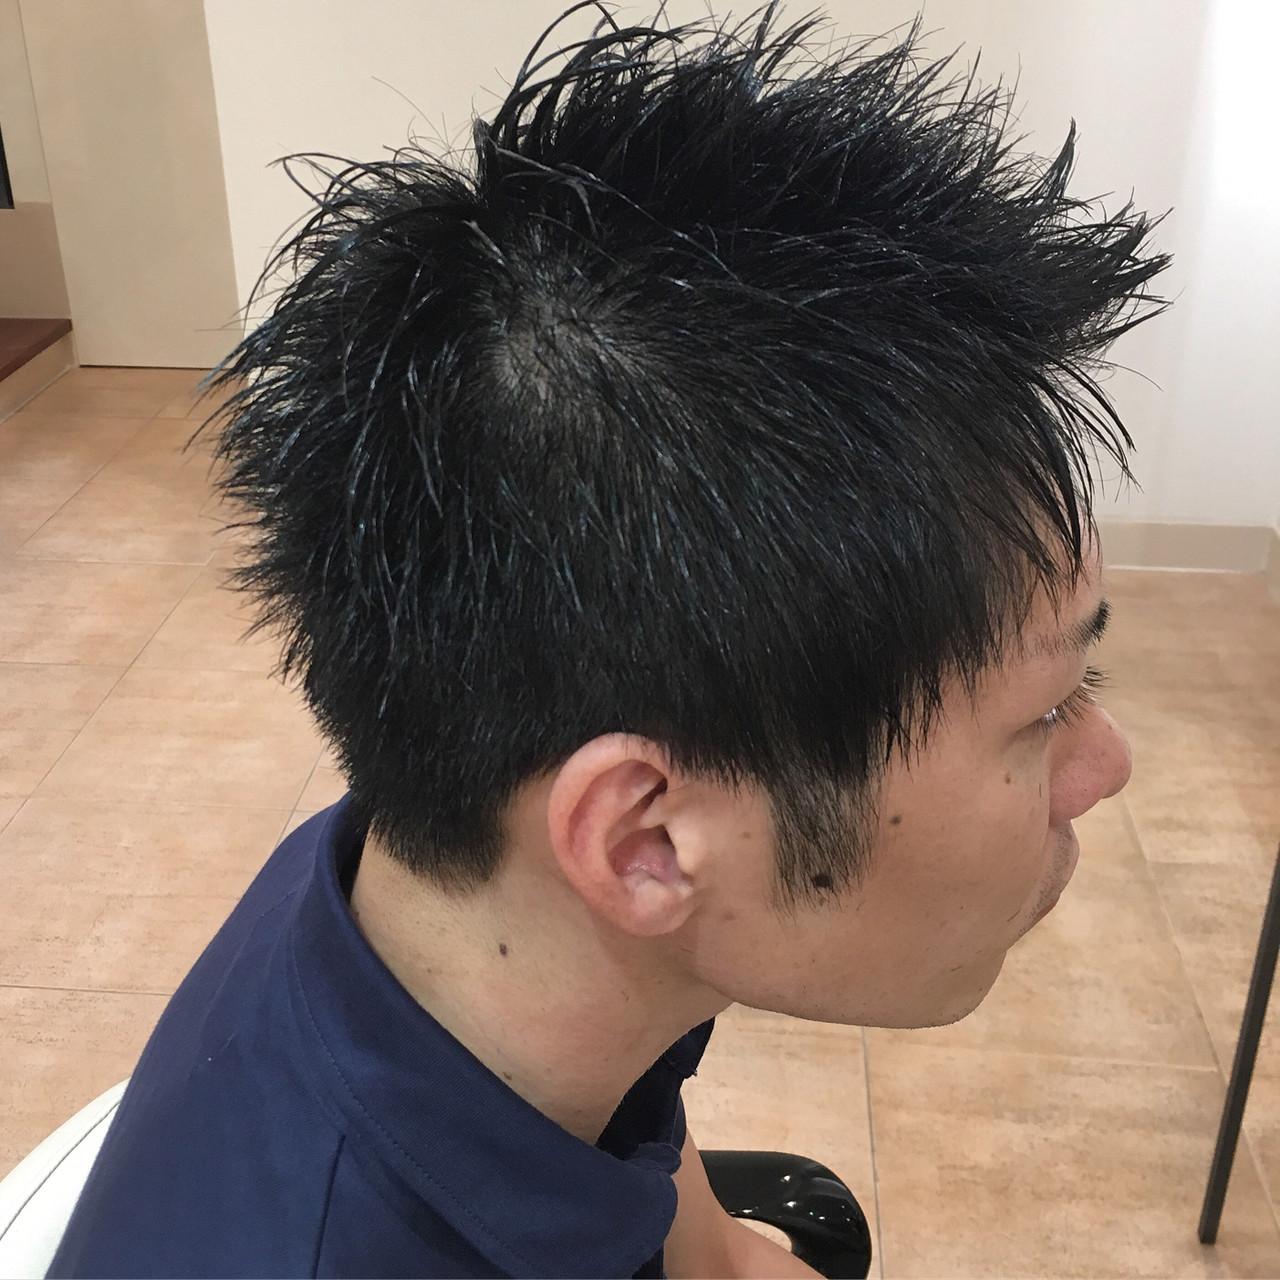 メンズ ウェットヘア ウェット感 メンズカット ヘアスタイルや髪型の写真・画像 | 平本 詠一 / fabris